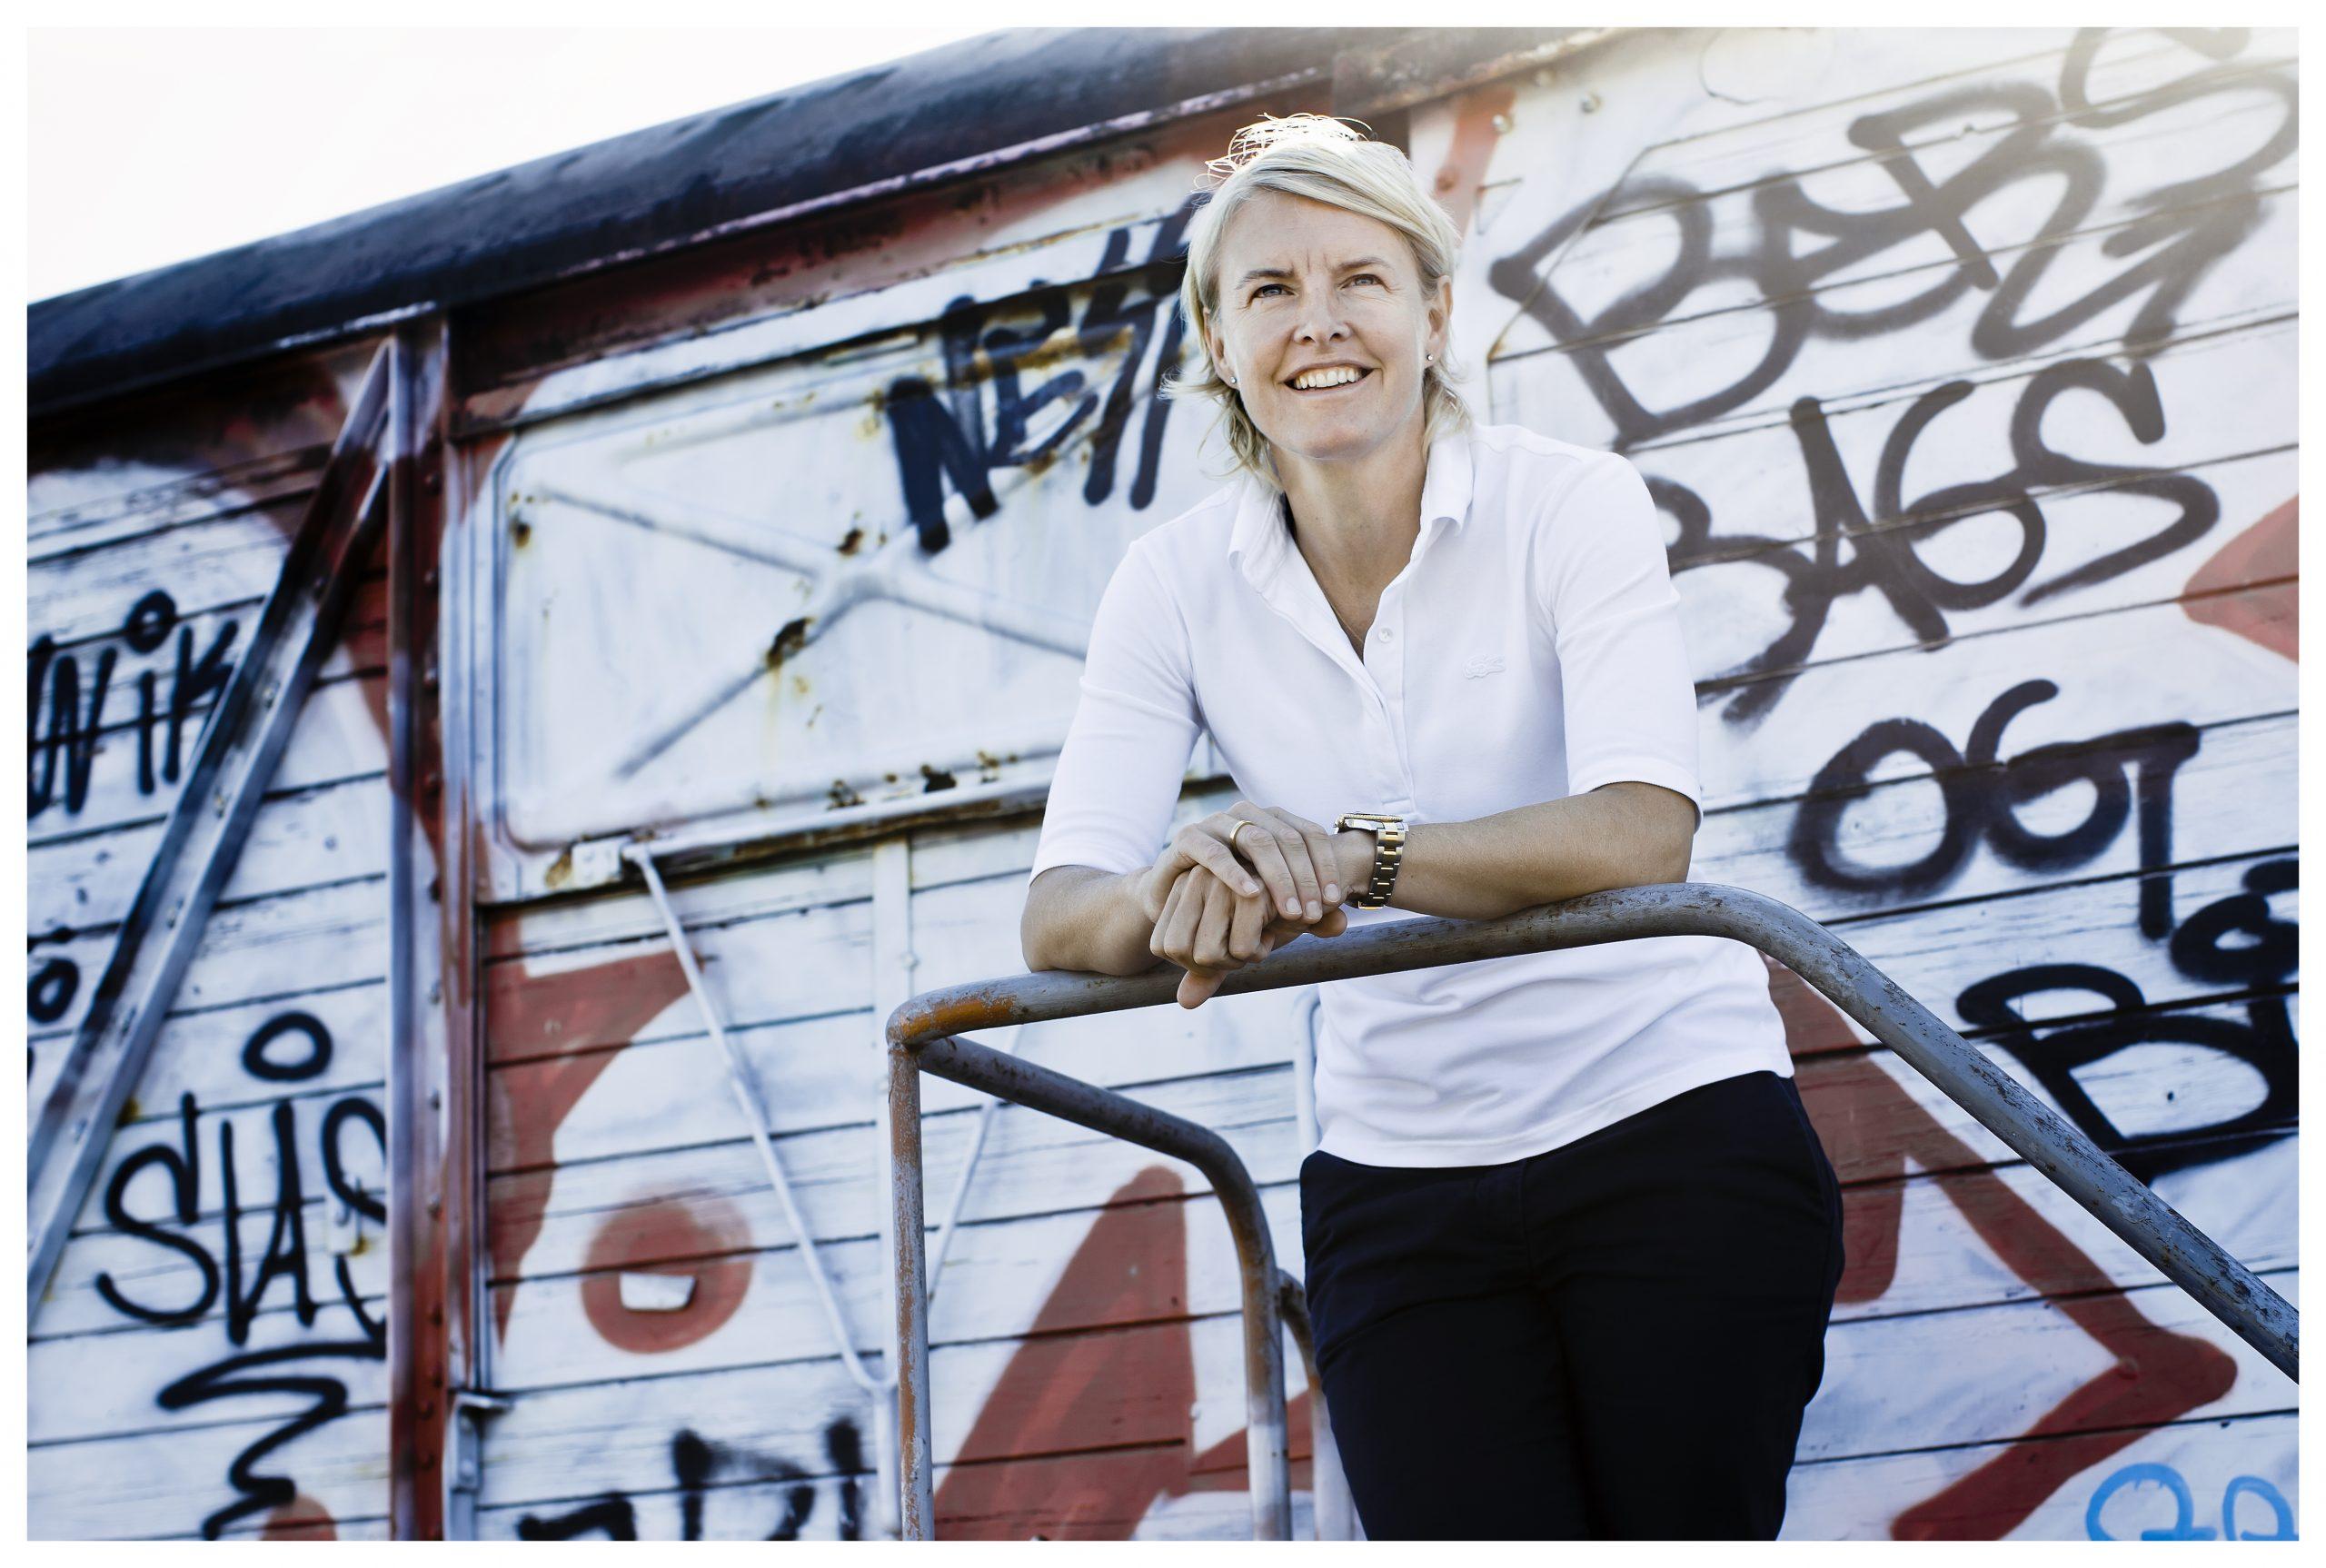 Camilla Andersen og hendes Travel Sense er blandt det mest kendte af de 45 rejsebureauer, der i dag er kommet med støtteerklæring til større rejsebureauer i utilfredshed med ny lov om Rejsegarantifonden. PR-foto via Travel Sense, Claus Boesen.